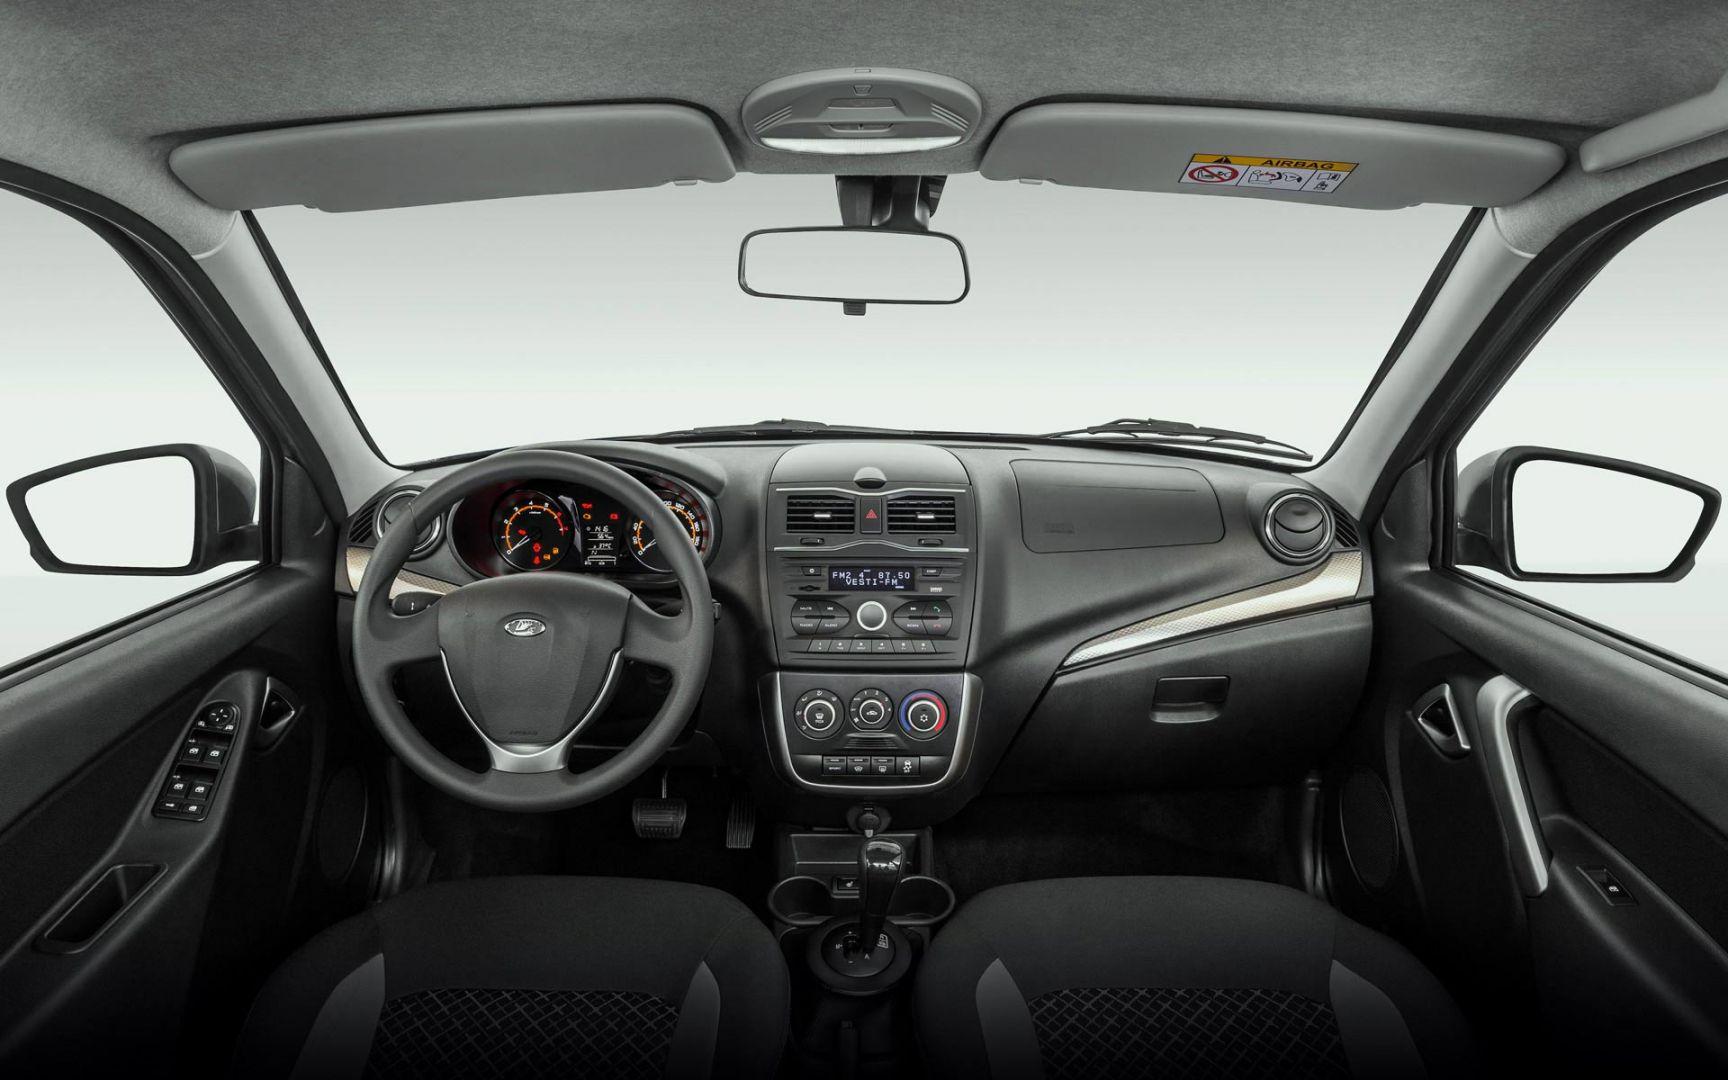 Автомобили Лада можно купить попрограмме «Льготный лизинг»